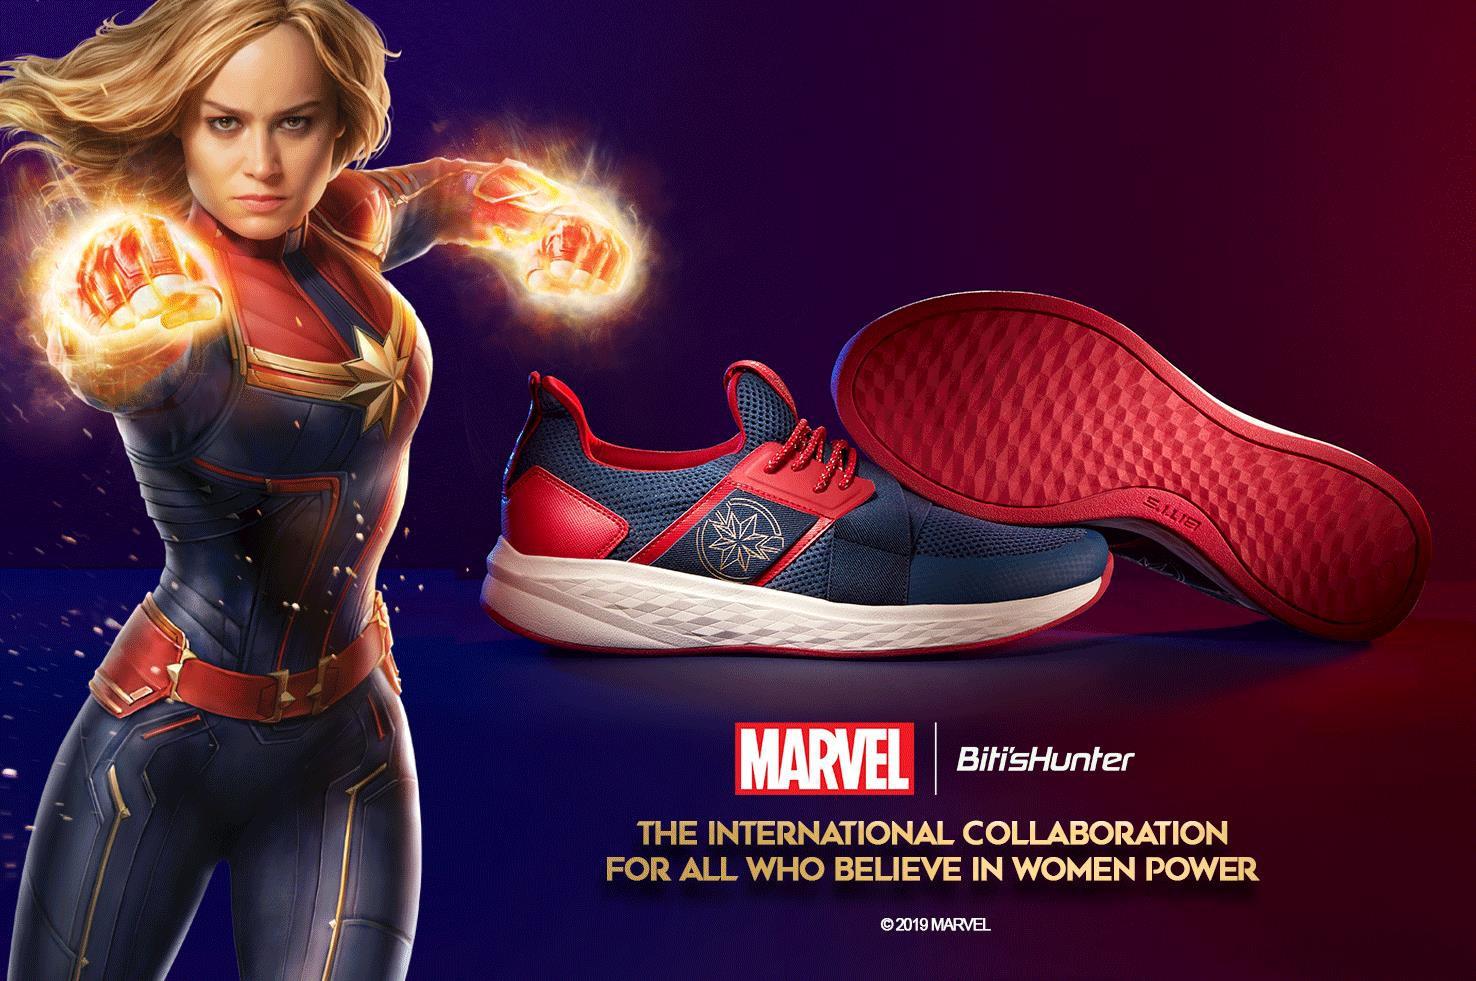 Bitis Hunter cùng Marvel bất ngờ ra mắt phiên bản đặc biệt tôn vinh nữ quyền - Biti's Hunter Captain Marvel - Ảnh 2.